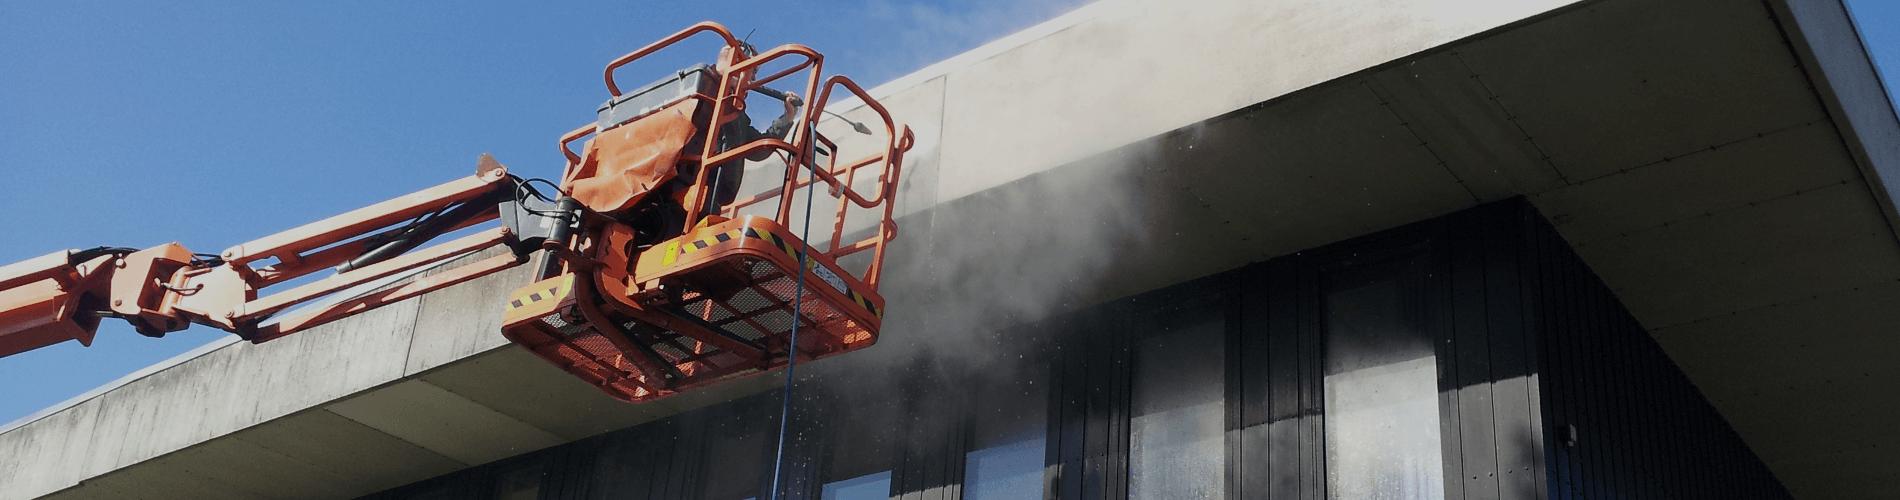 Facaderens, røngøring af facade, med højtryksrensning og hedvand, efterfølgende imprægnering